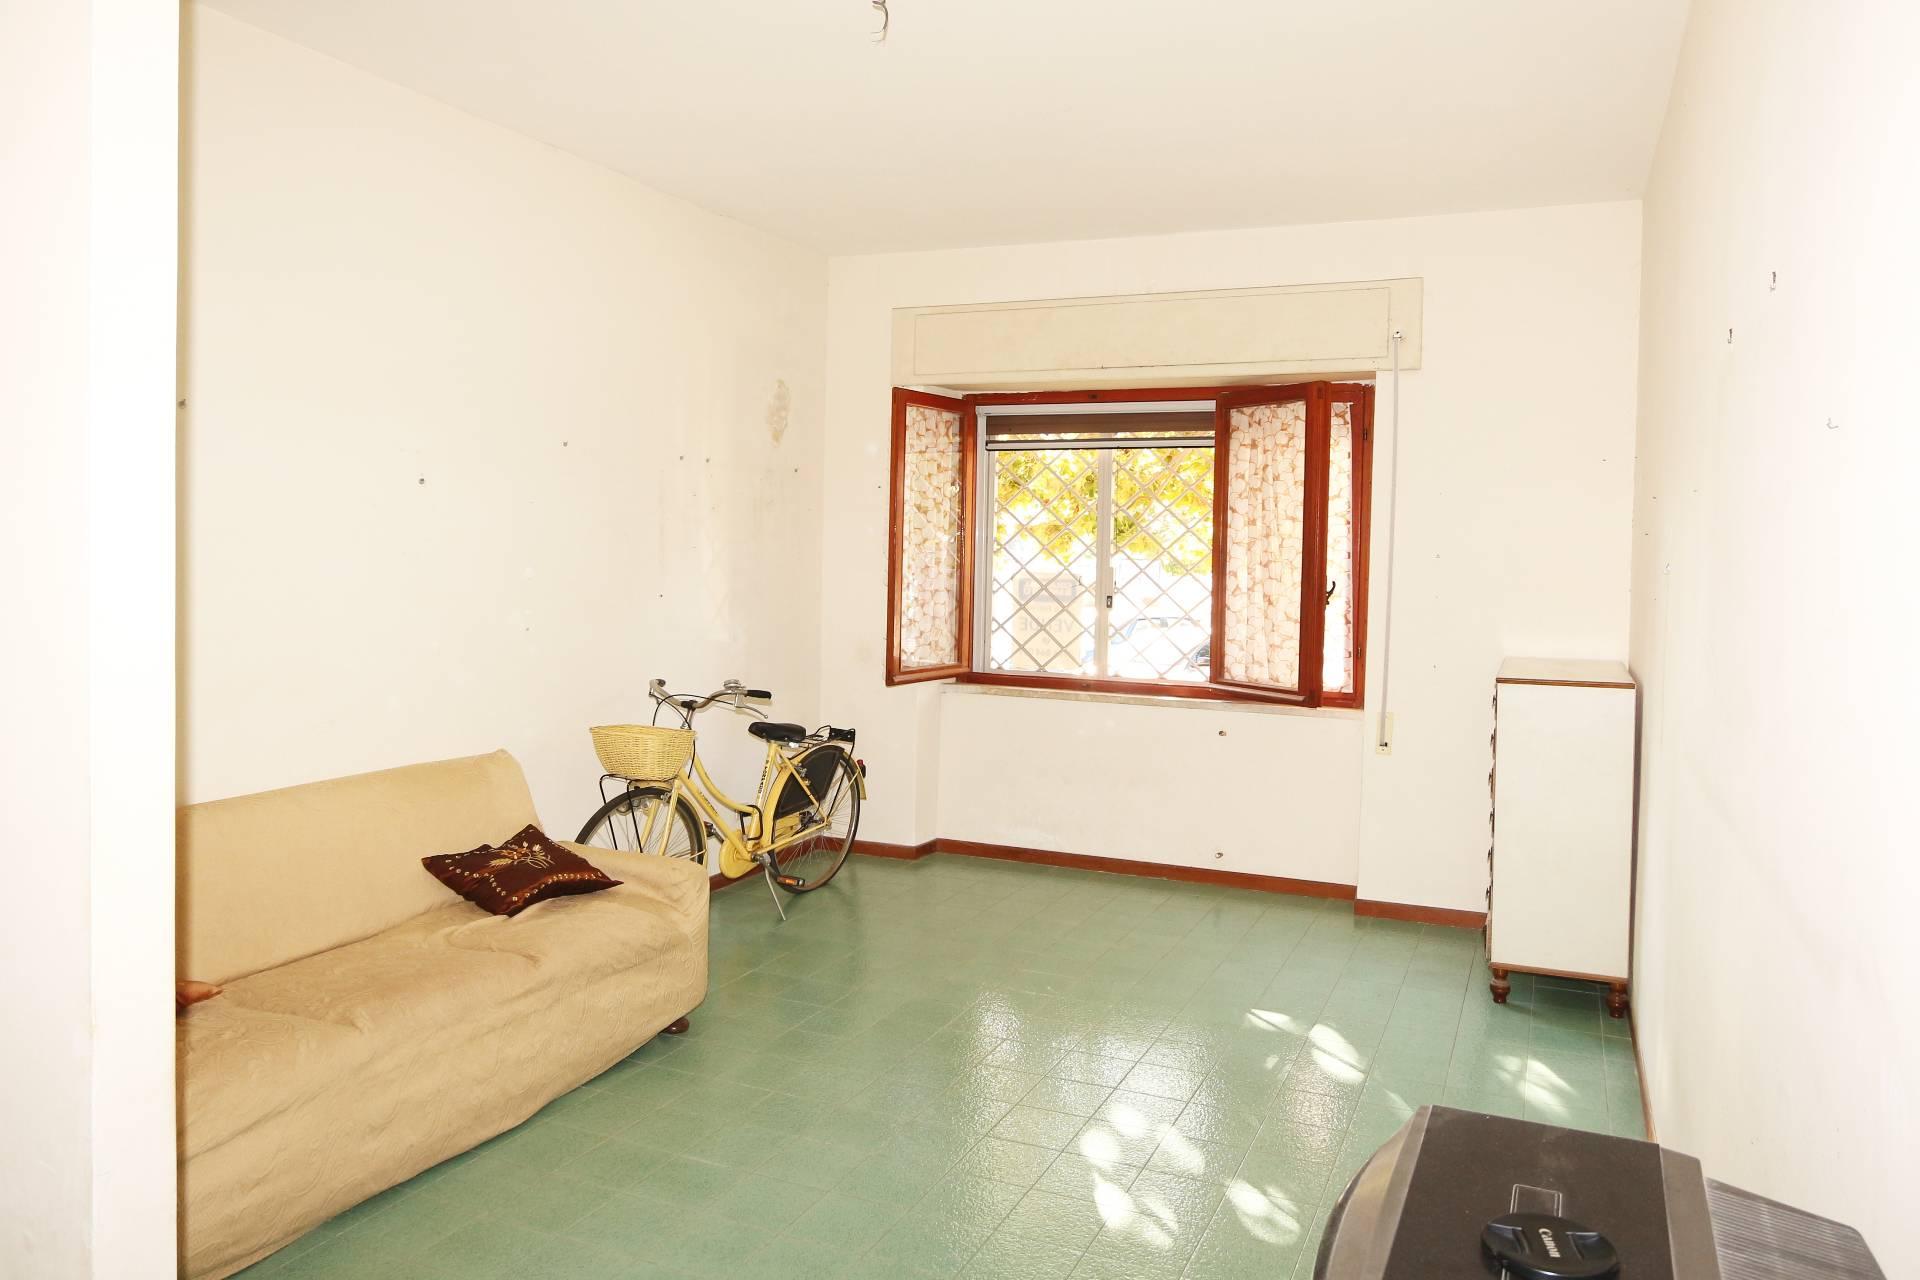 Appartamento in vendita a Tarquinia, 3 locali, zona Località: LidodiTarquinia, prezzo € 85.000 | CambioCasa.it